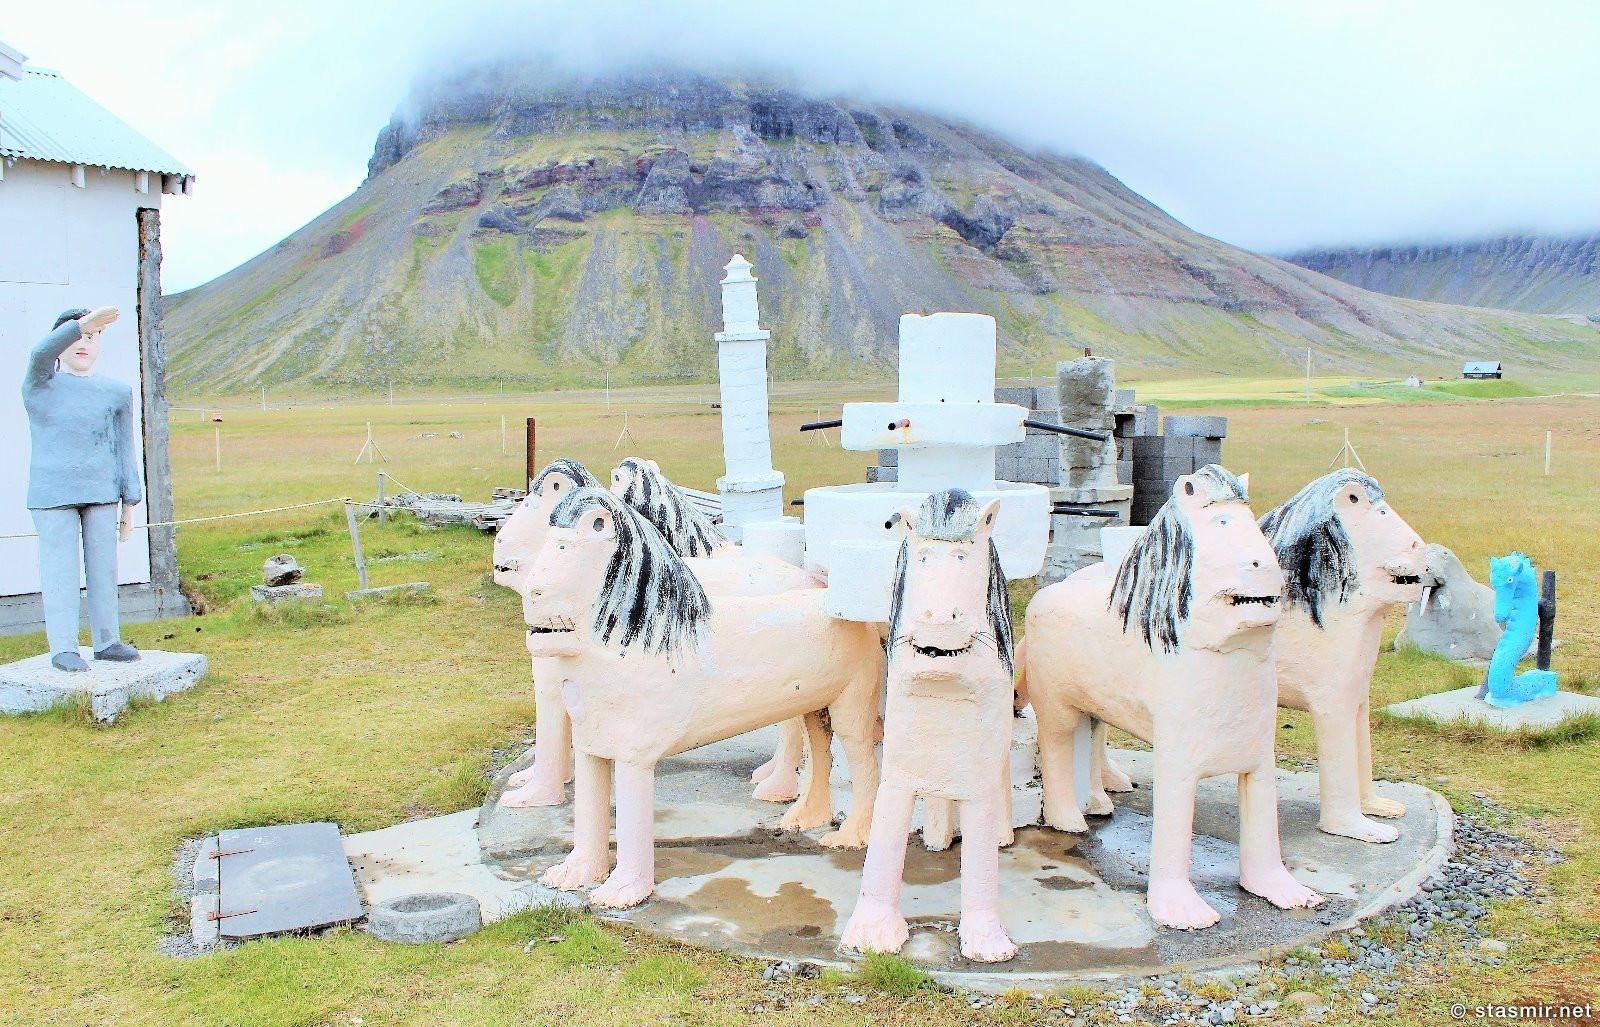 Patio de los Leones в исландском исполнении, Samúel Jónsson, Selárdalur, Самуэль Йоунссон - художник с сердцем ребенка, фото Стасмир, photo Stasmir